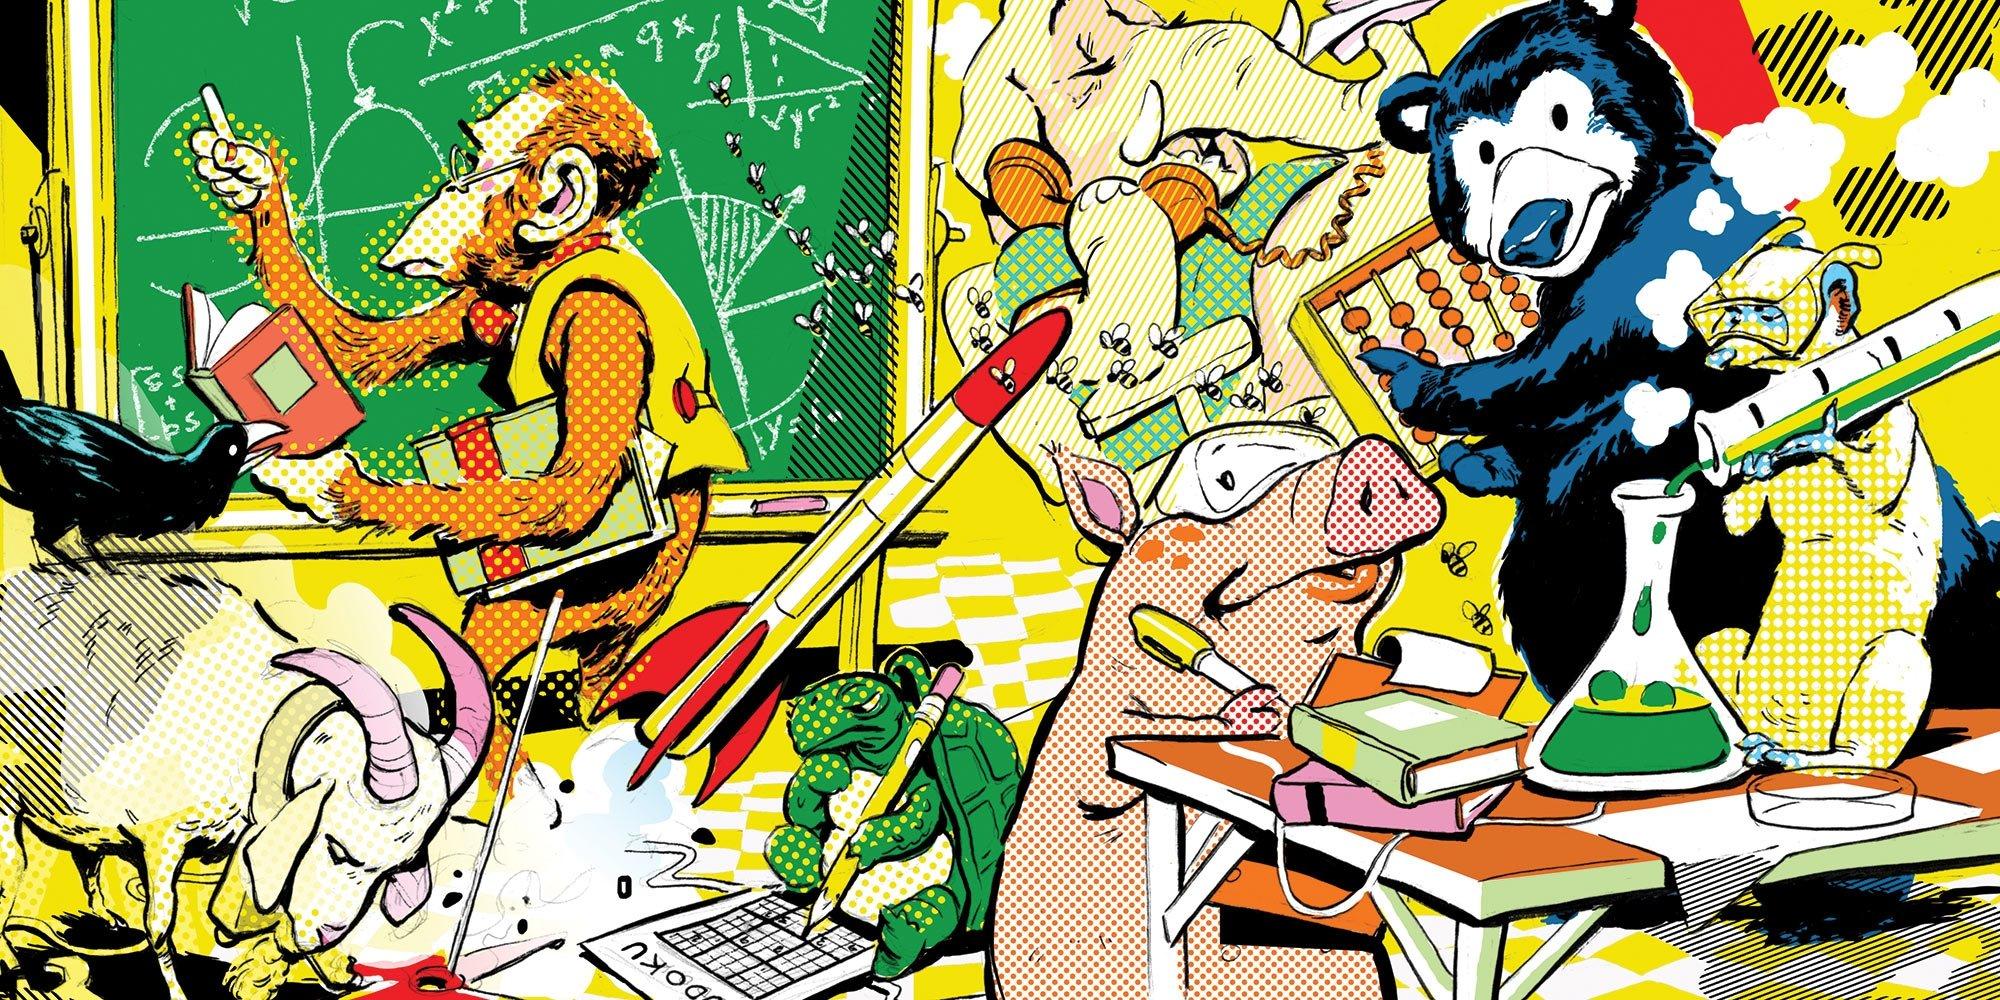 animal-intelligence-more-than-human.jpg